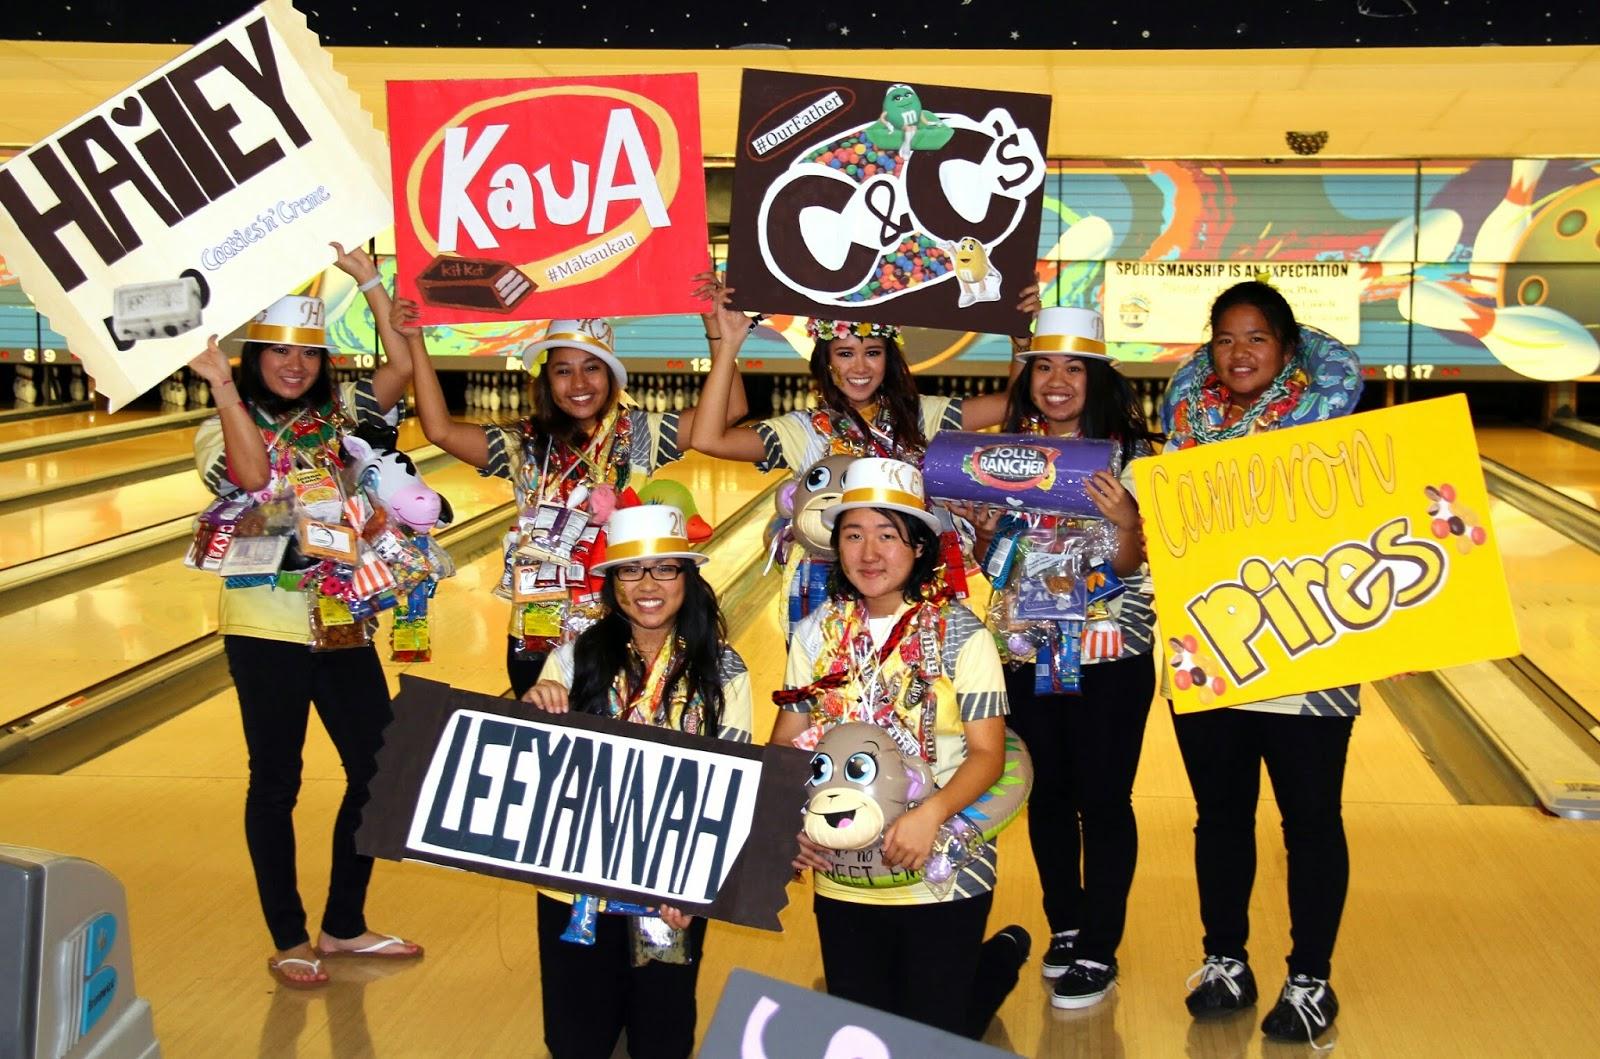 Sacred Hearts Academy Varsity Bowling Team Kehau Ho, Cameron Pires, Leeyannah Santos, Hailey Ganiron,  Kaua Arelliano, Jaime Toler, Desiree Batangan and Caitlin Cunningham